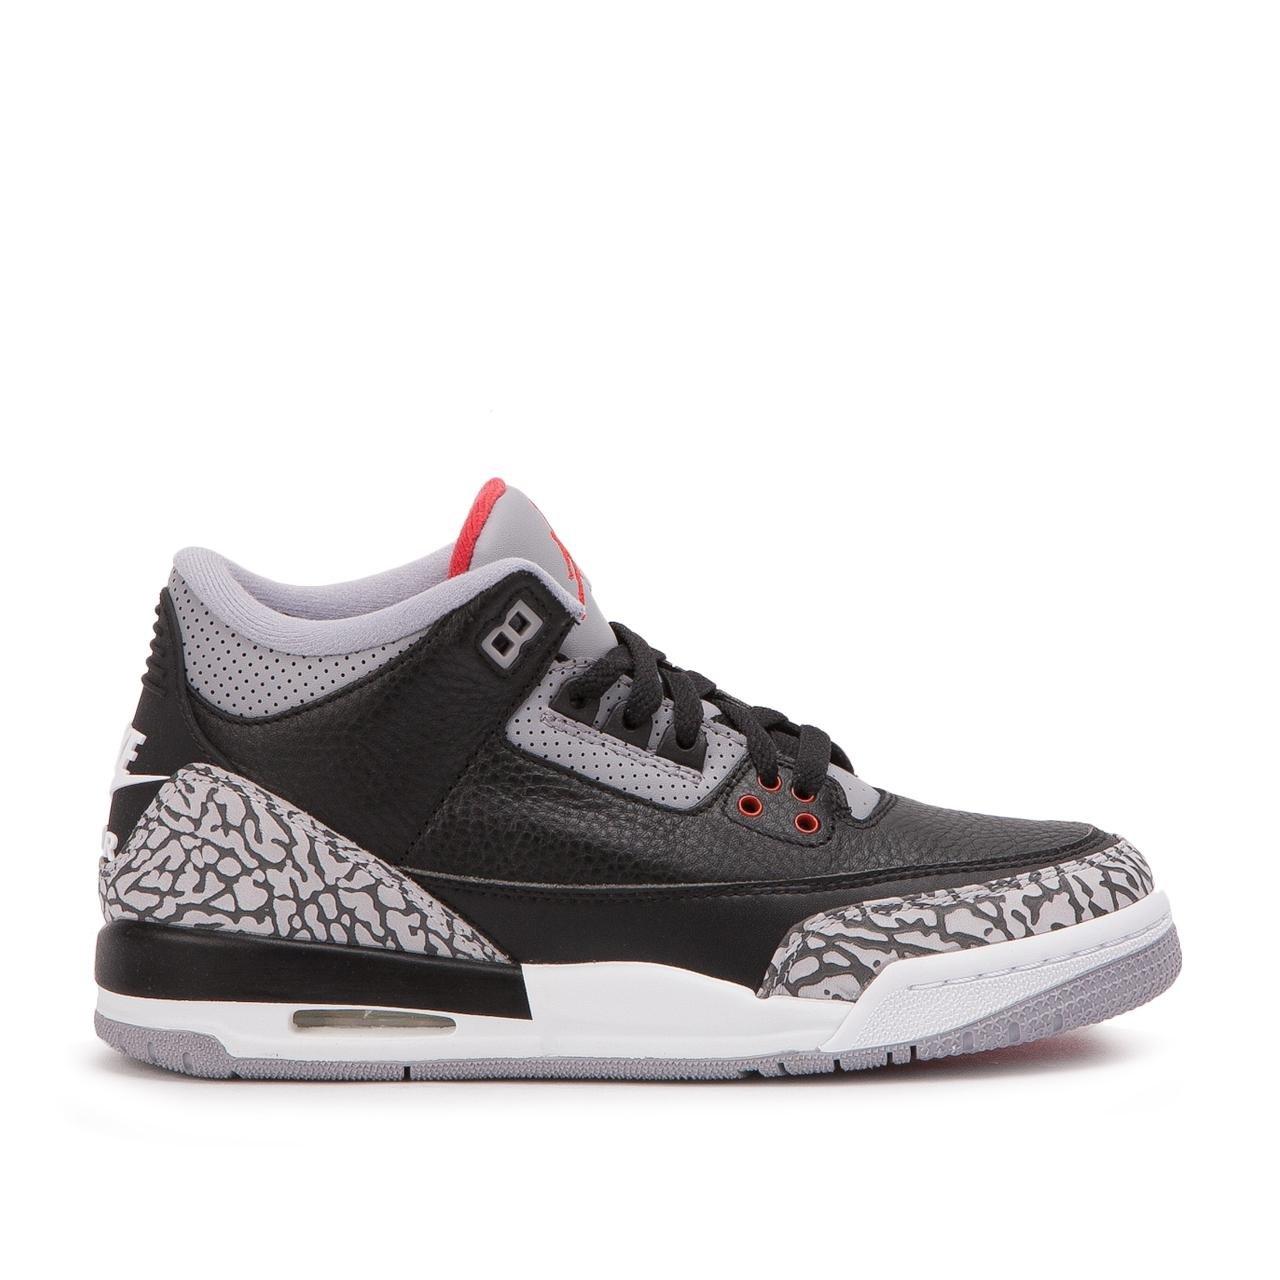 9597c21c5c3 Nike Air Jordan 3 Retro Og